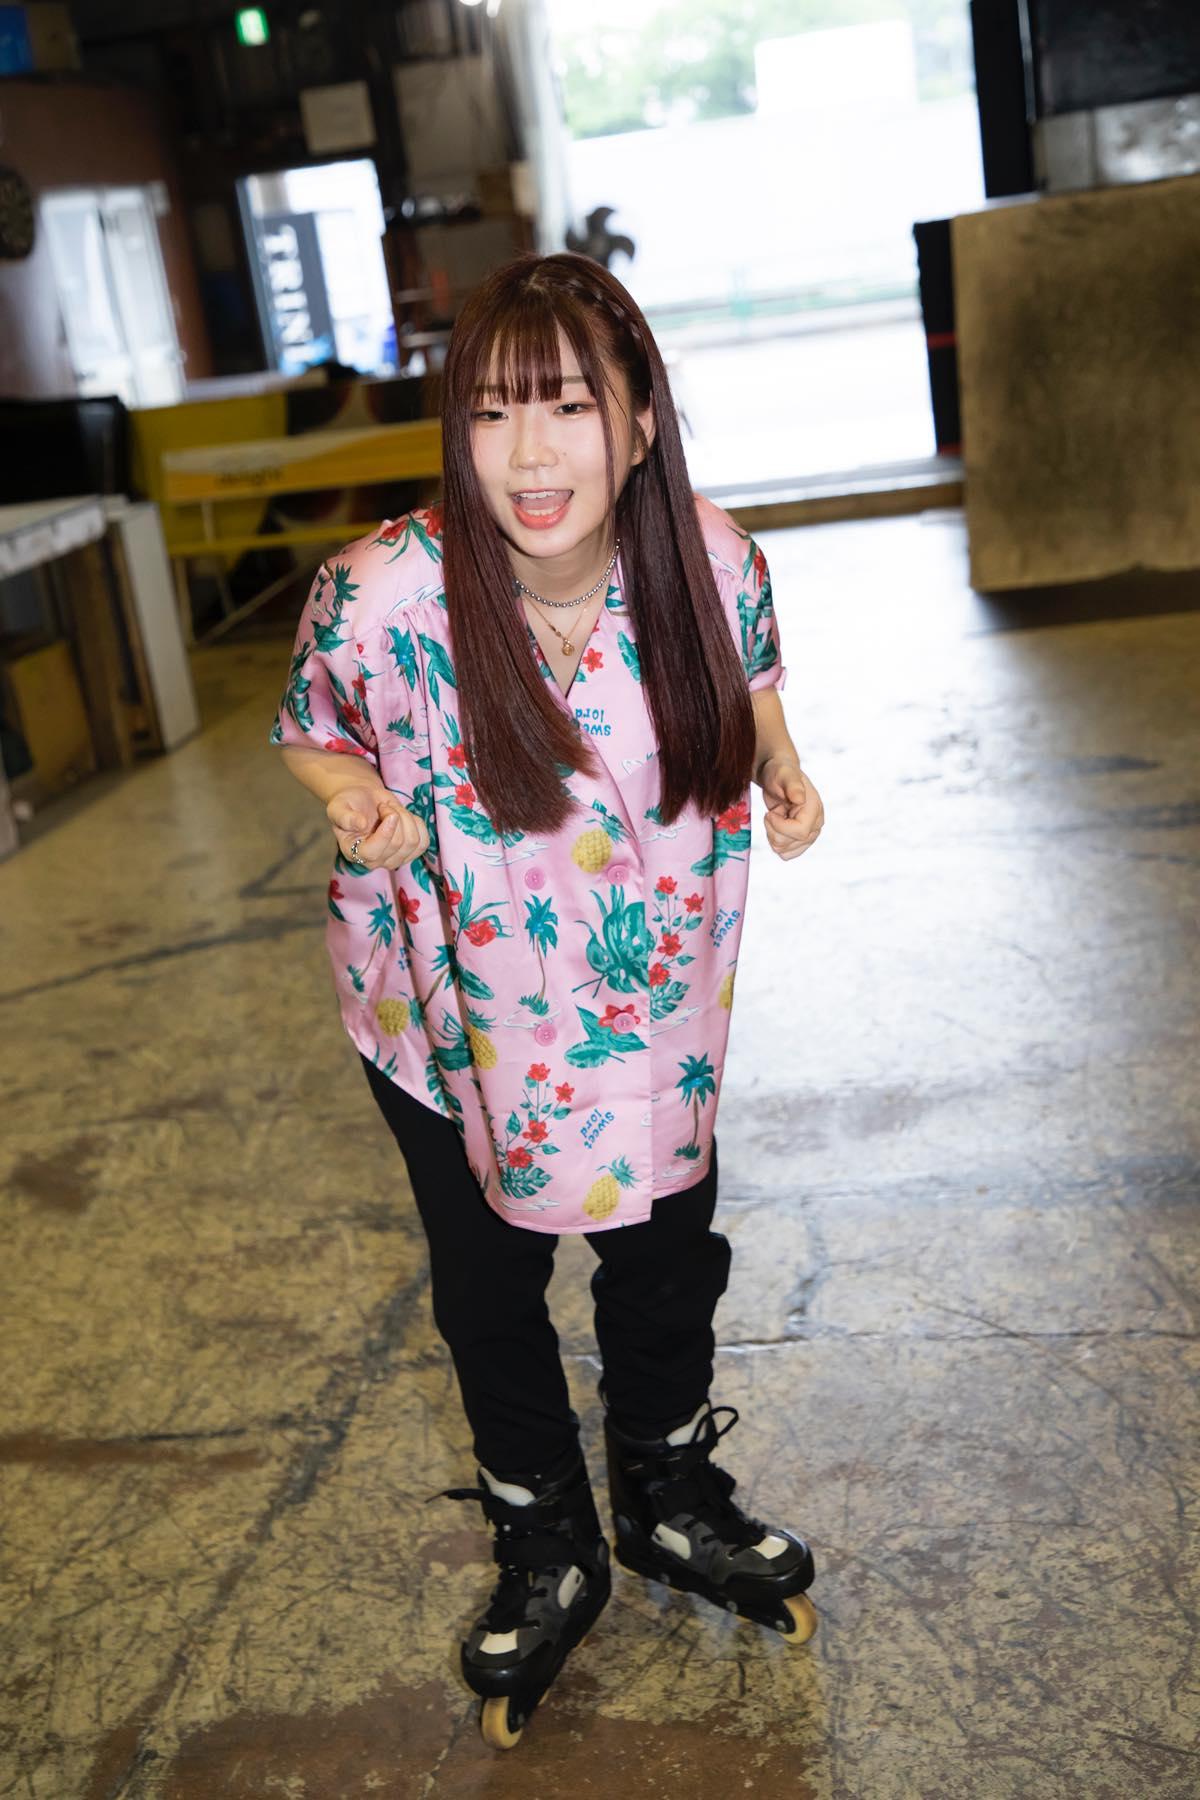 米田みいな「初めてのインラインスケートでなぜかにゃんこスターのモノマネ!?」【写真37枚】【連載】ラストアイドルのすっぴん!vol.21の画像031